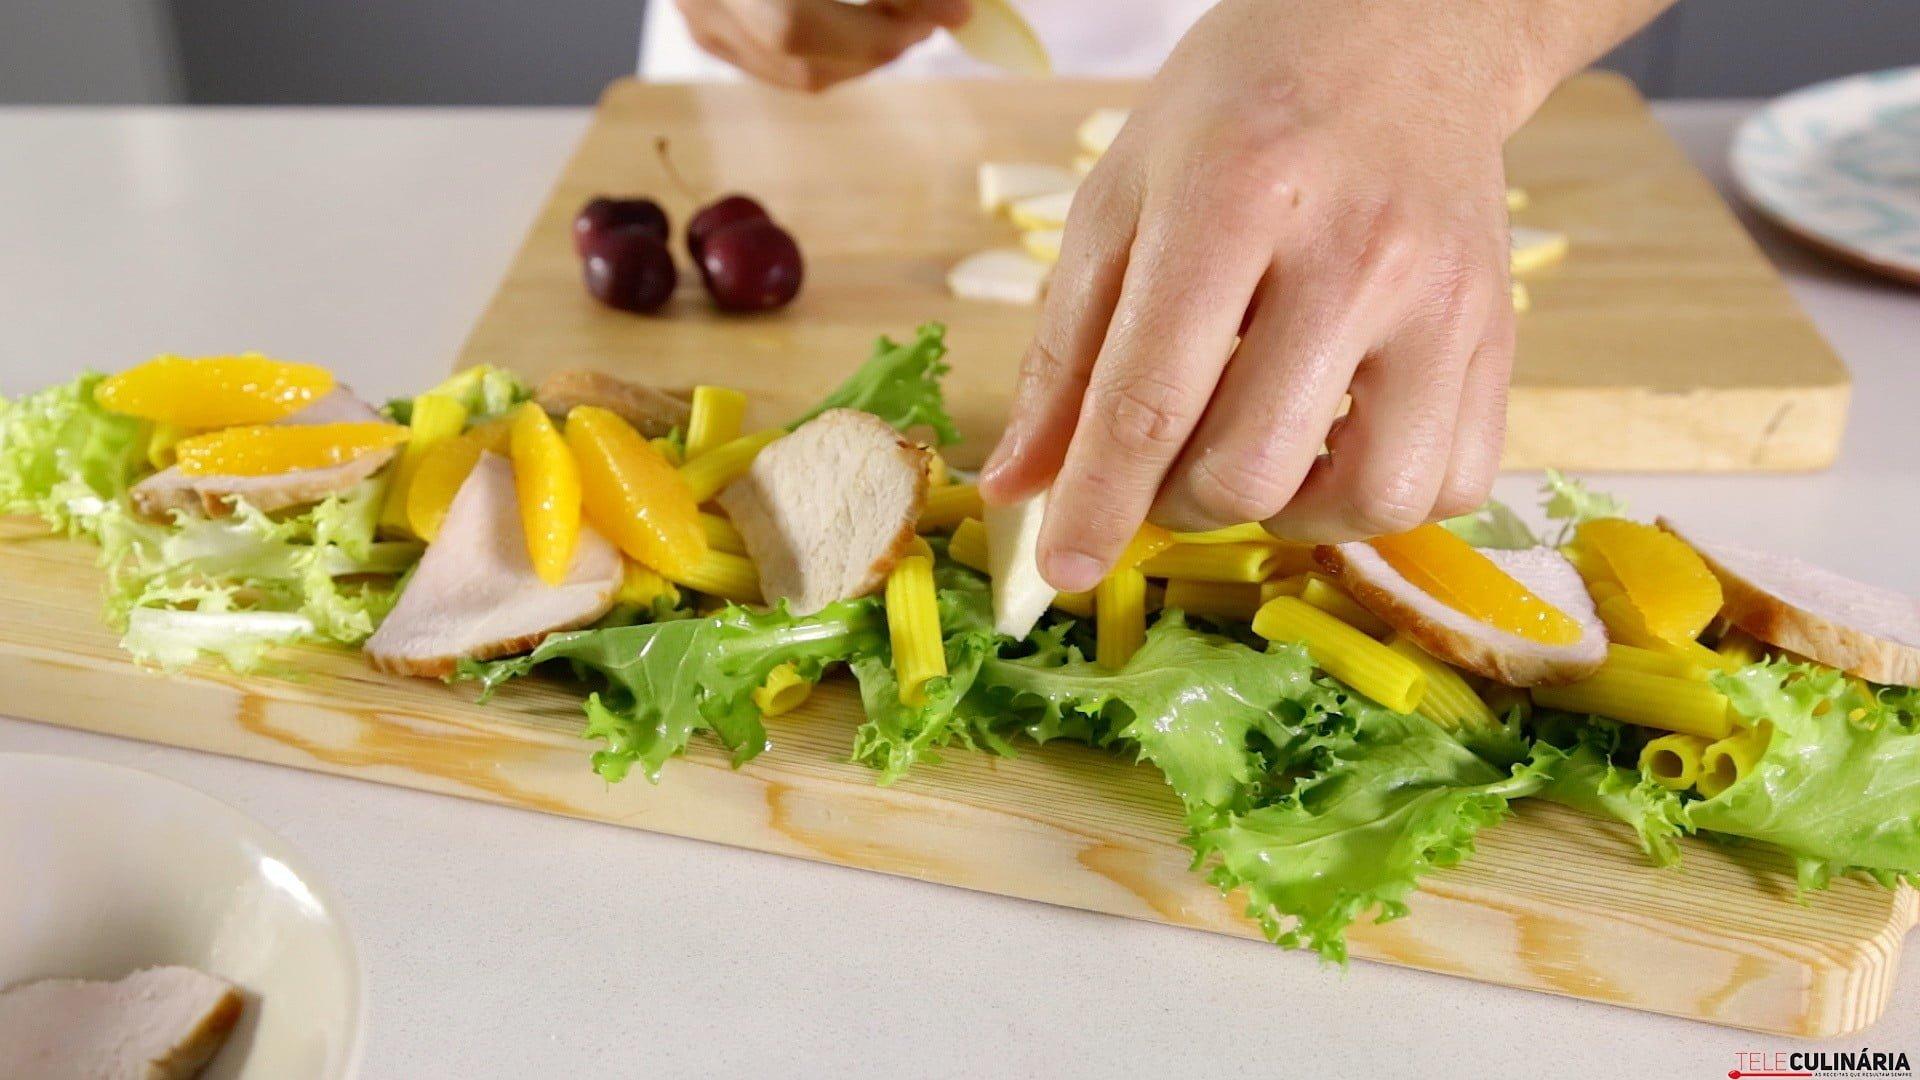 0038 Salada de chicoria carnes e fruta CHLJ